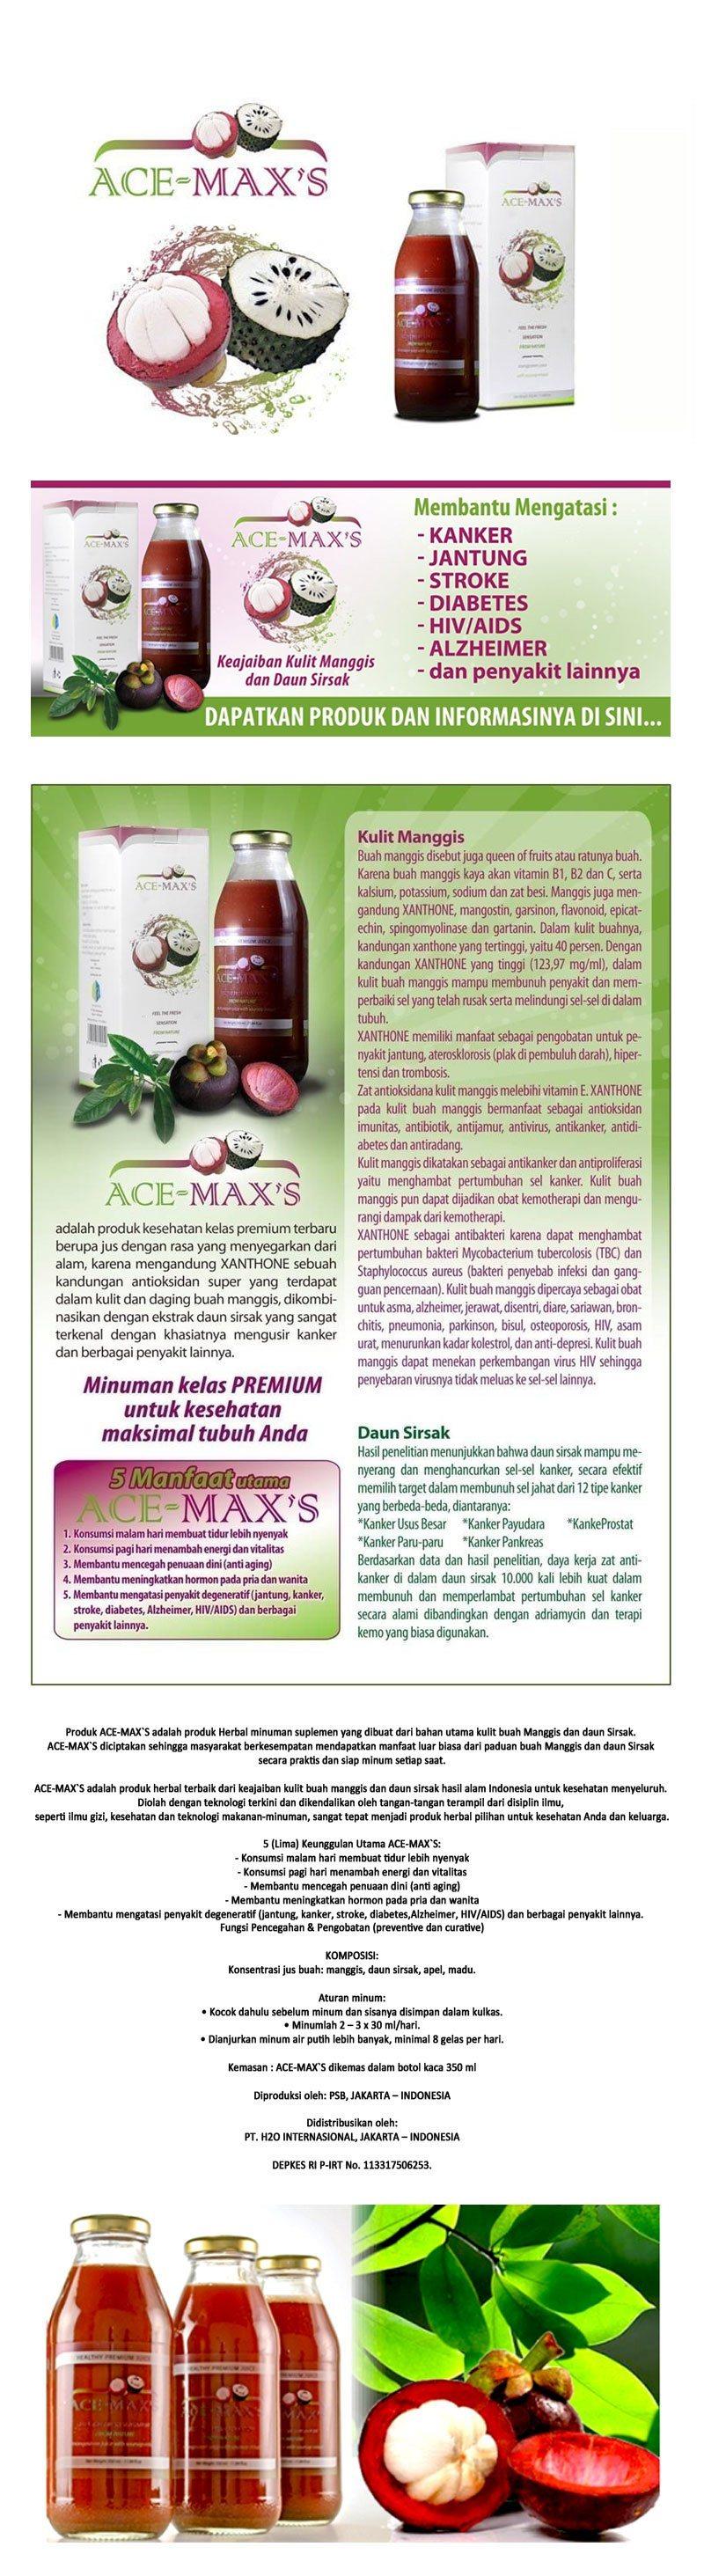 Buy Ace Max Original 100 Garansi Uang Kembali Deals For Only Rp119 Maxs Ekstra Kulit Manggis Dan Sirsak Adalah Produk Obat Herbal Alami Terbaik Dari Perpaduan Buah Daun Hasil Alam Indonesia Untuk Kesehatan Menyeluruh